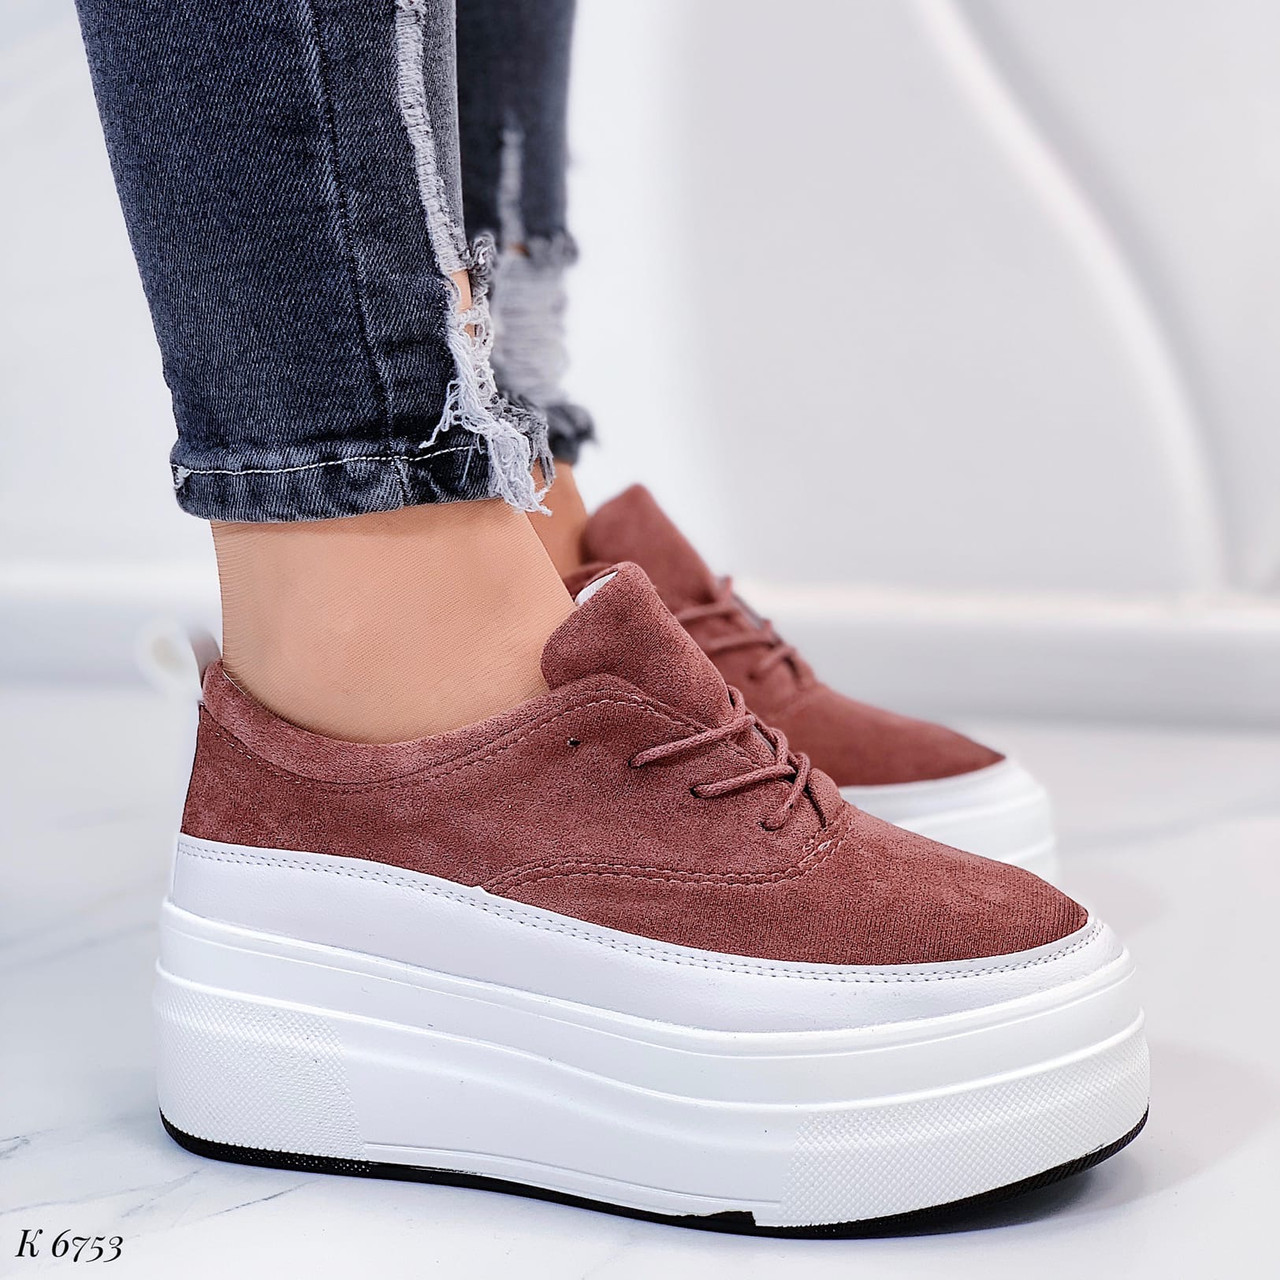 Только на 25,5 см!!! Женские кроссовки/ слипоны коричневые на платформе  эко замш